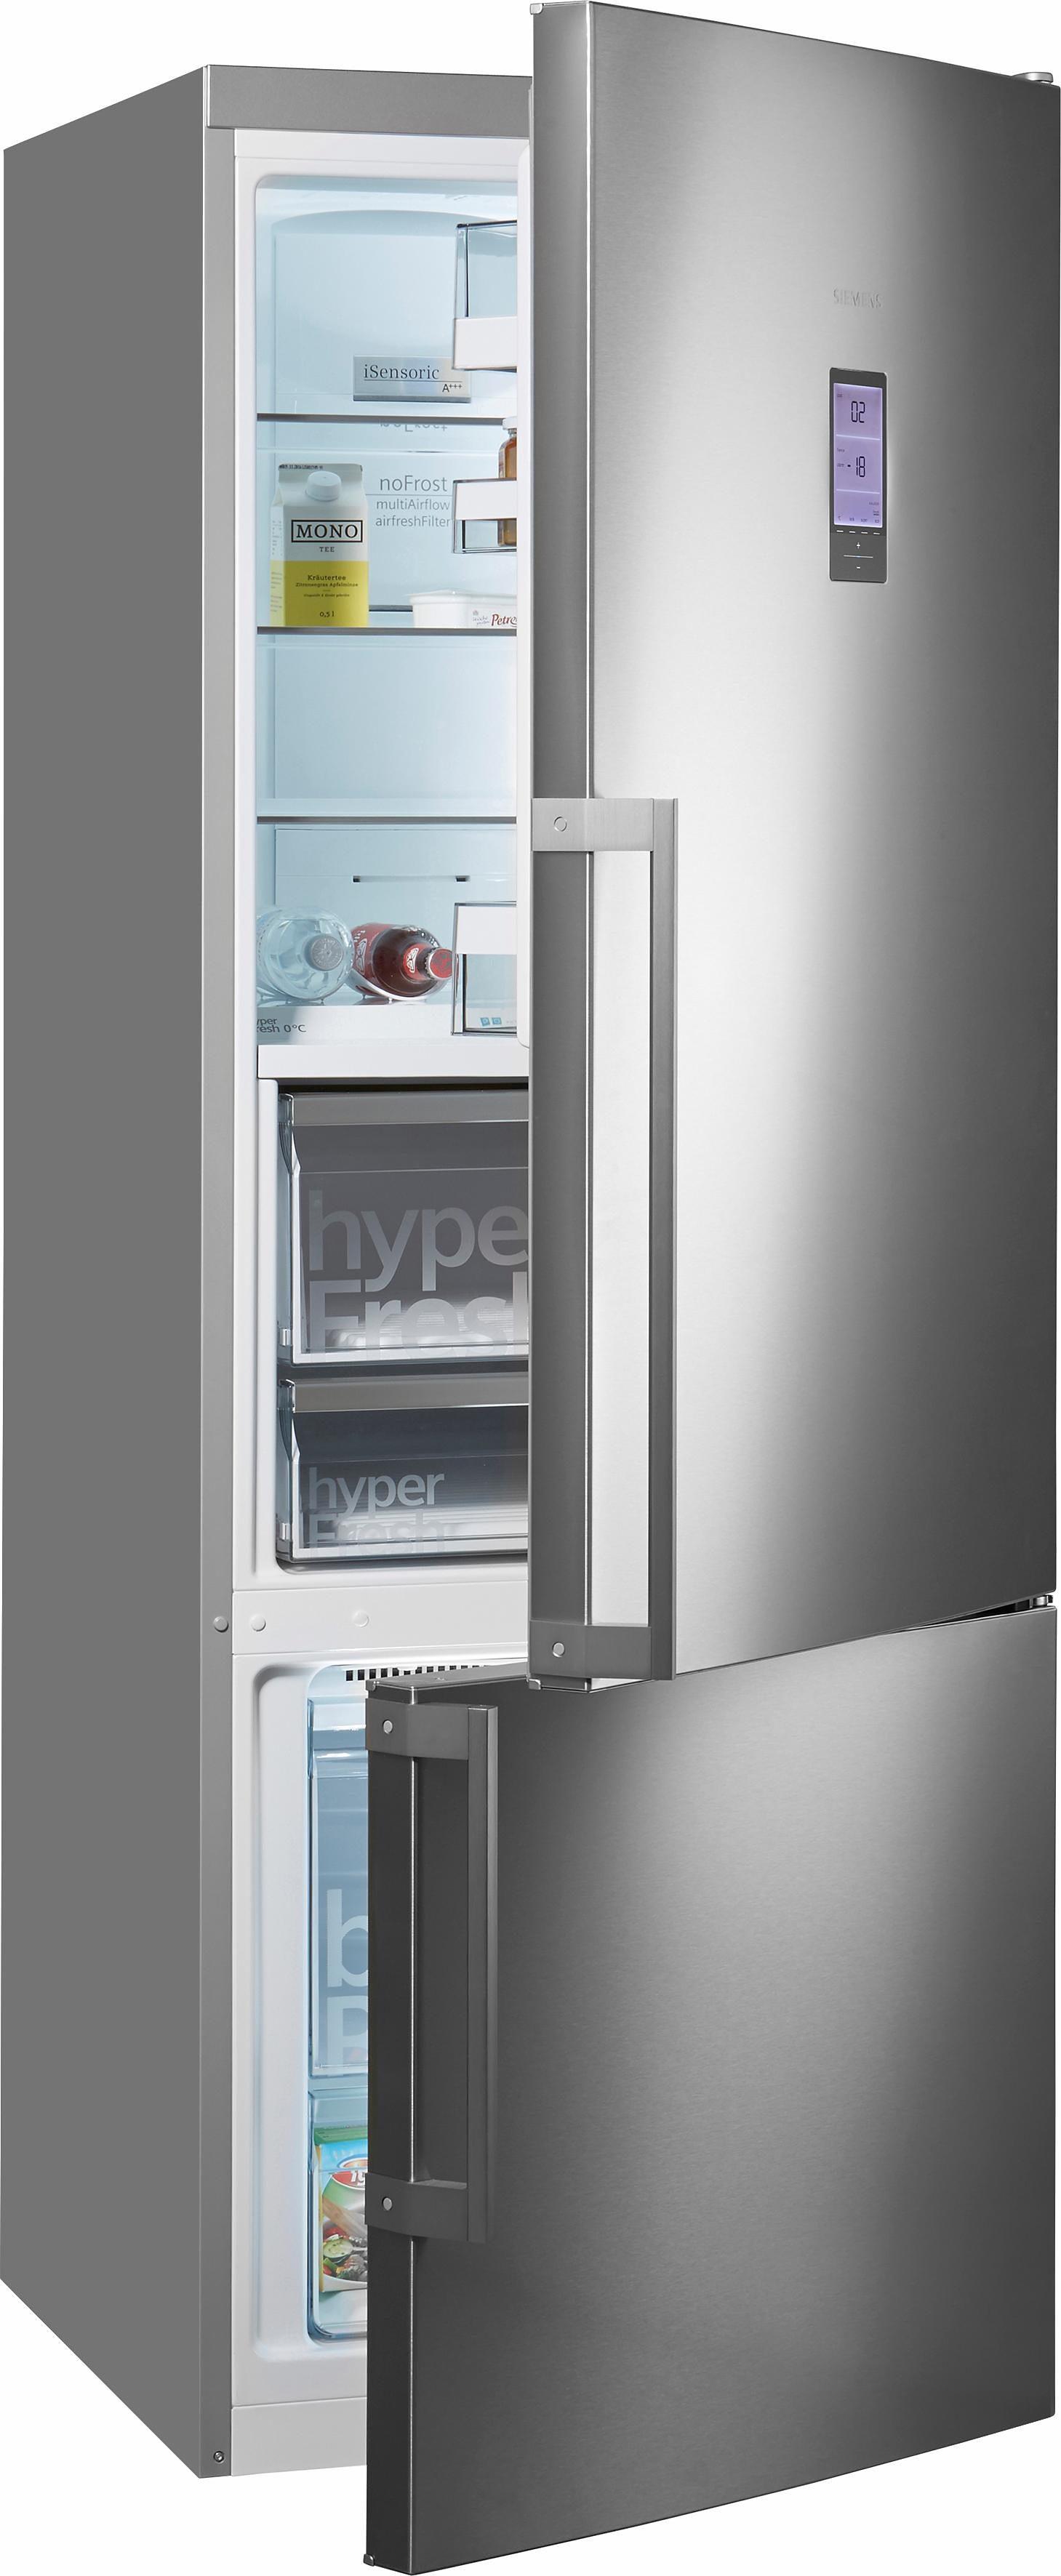 Siemens Kühl Gefrierkombination 193 Cm Hoch 70 Cm Breit Baur